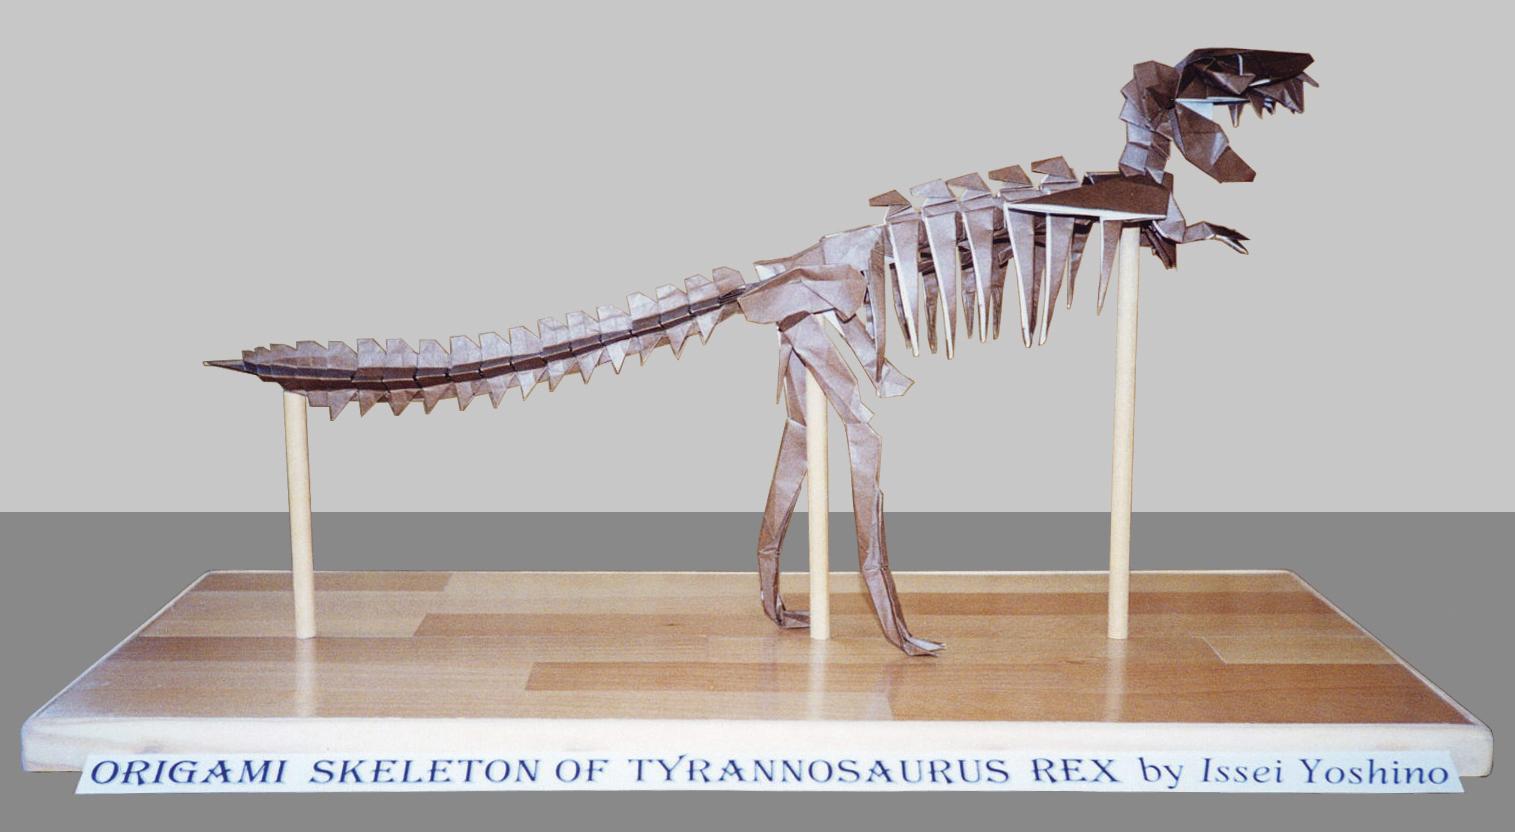 Origami Skeleton of Tyrannosaurus Rex - aStore for Amazon Associates